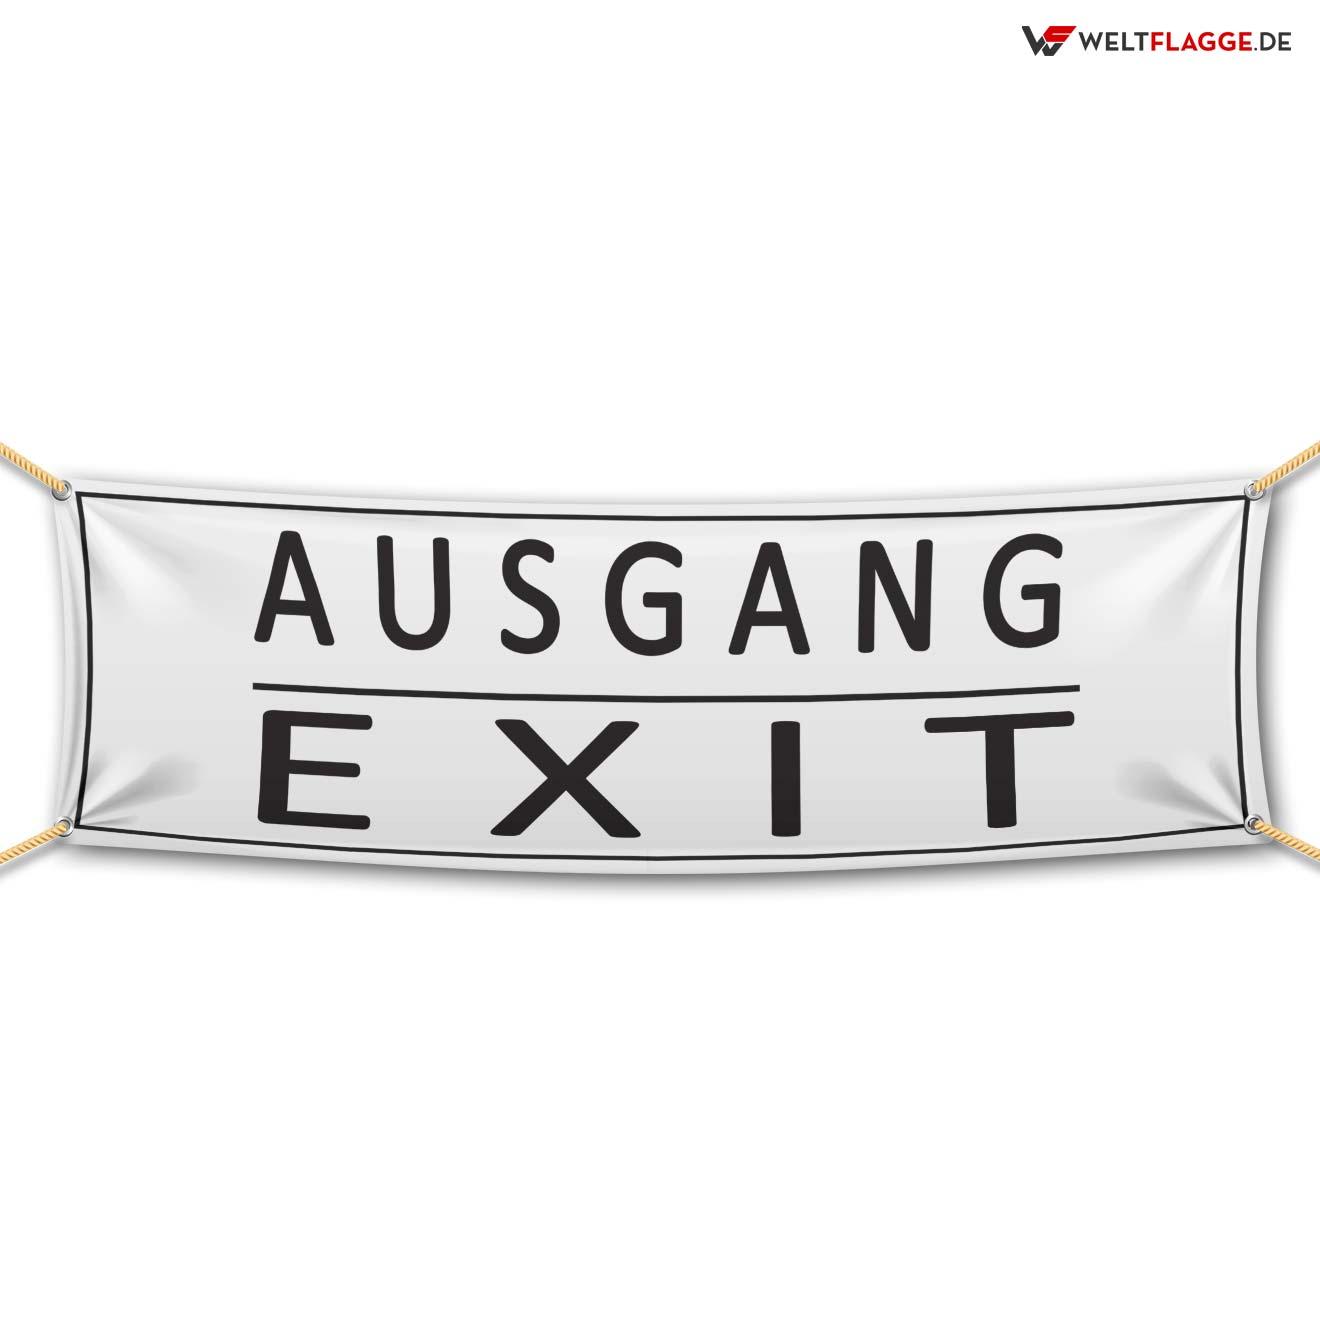 Ausgang / Exit Werbebanner bedrucken lassen